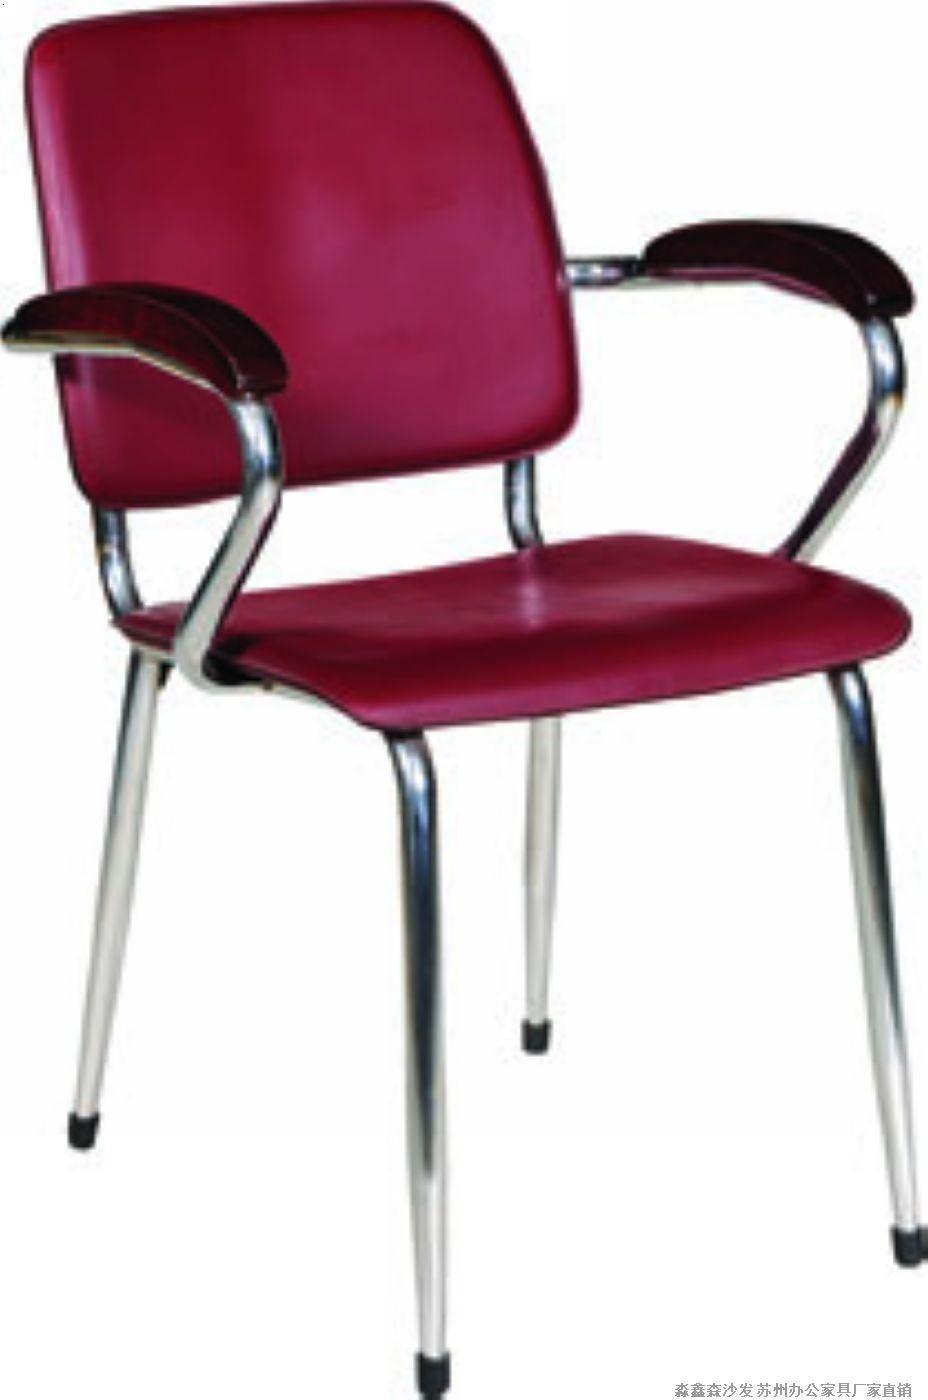 纸杯椅子手工制作方法